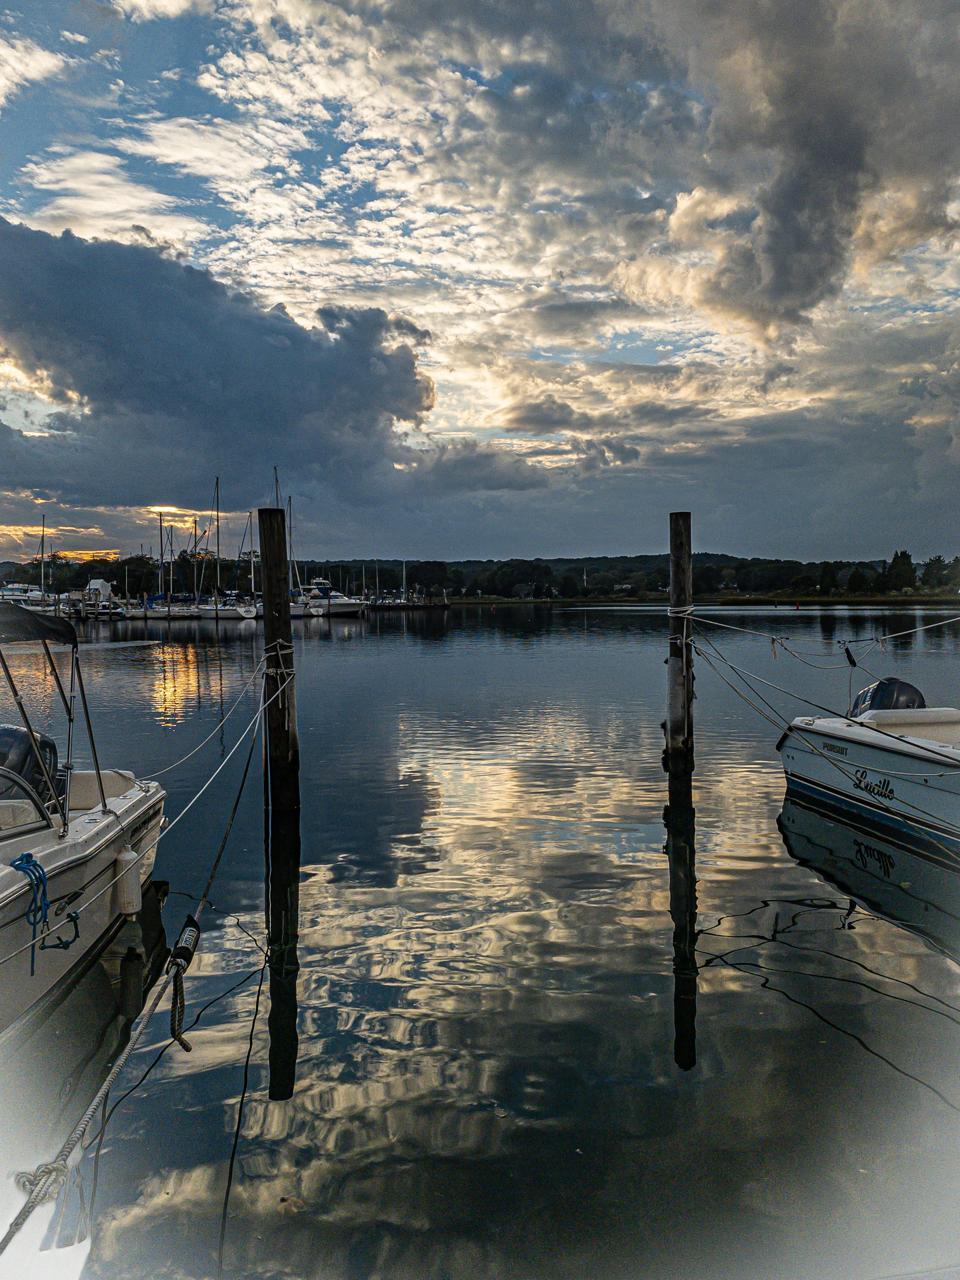 Sag Harbor, NY